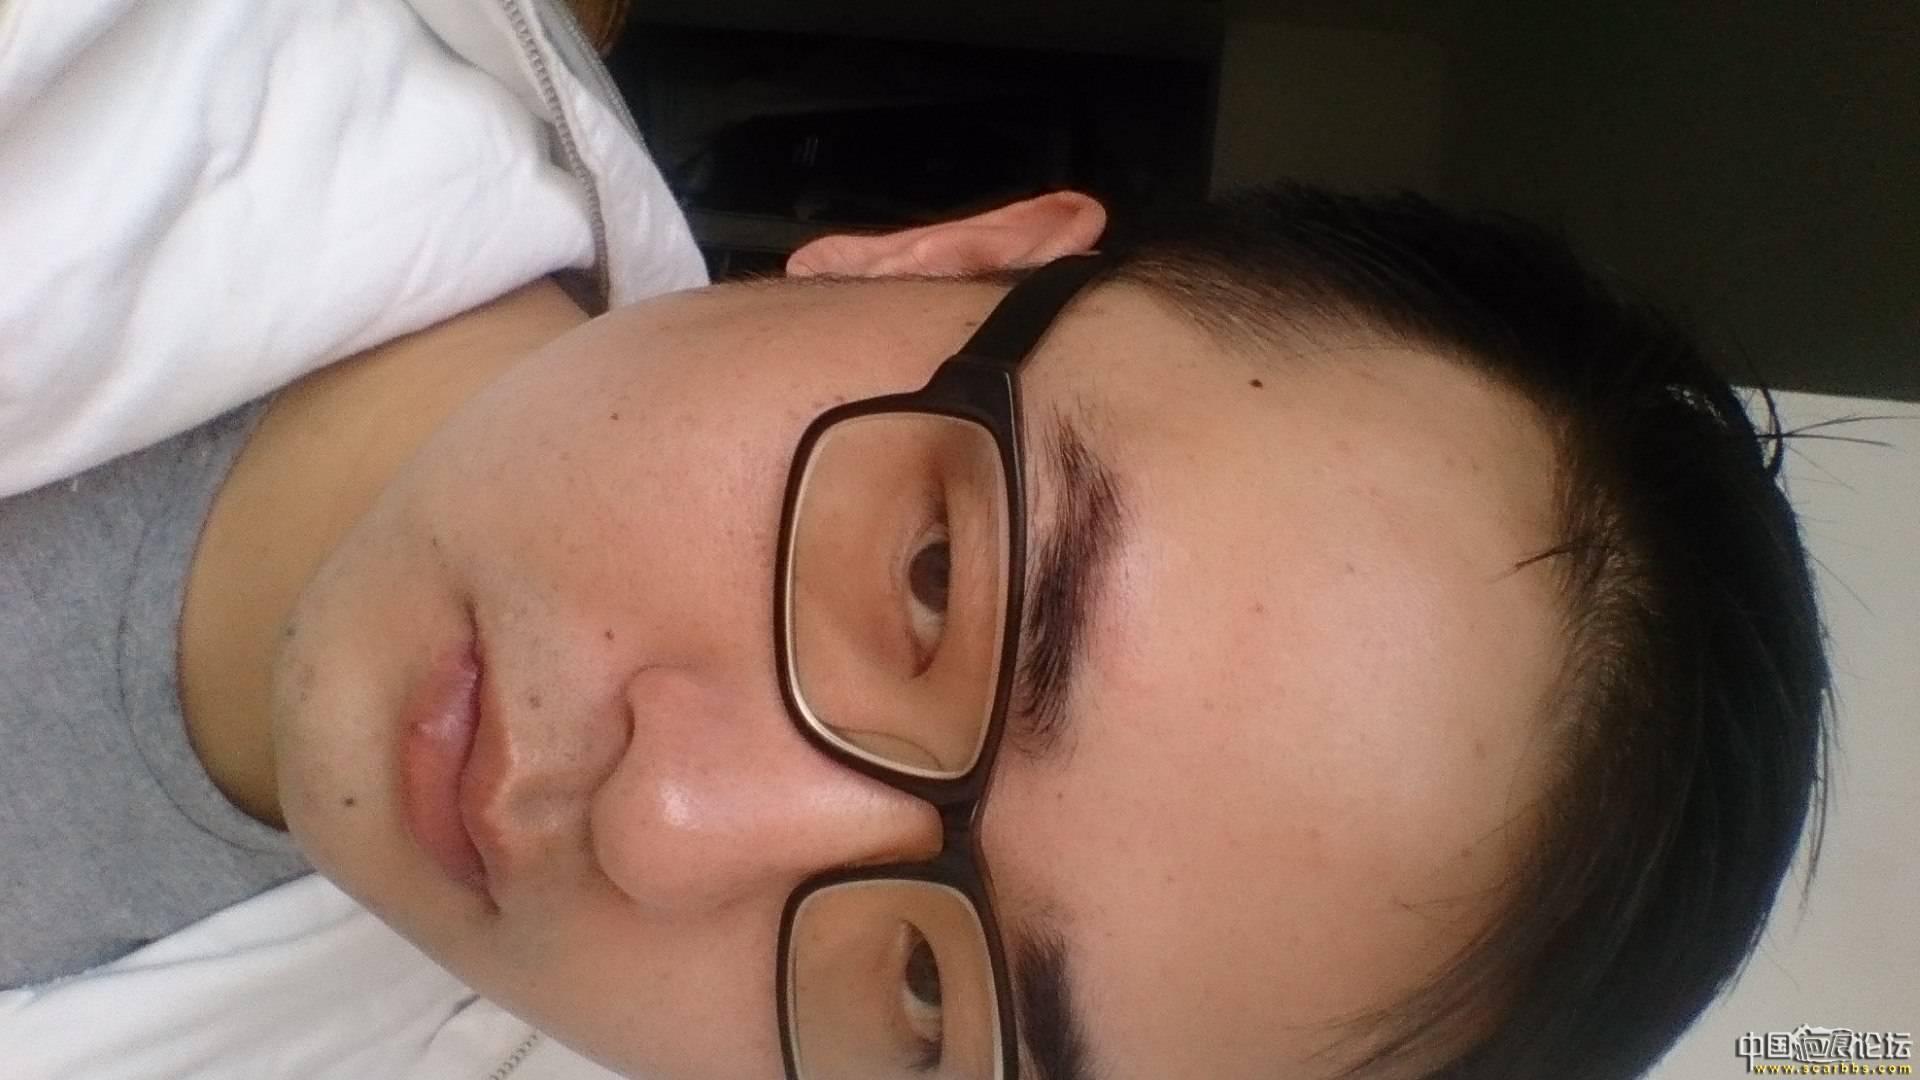 1年零2月,大家看看我恢复得怎样了10-疤痕体质图片_疤痕疙瘩图片-中国疤痕论坛